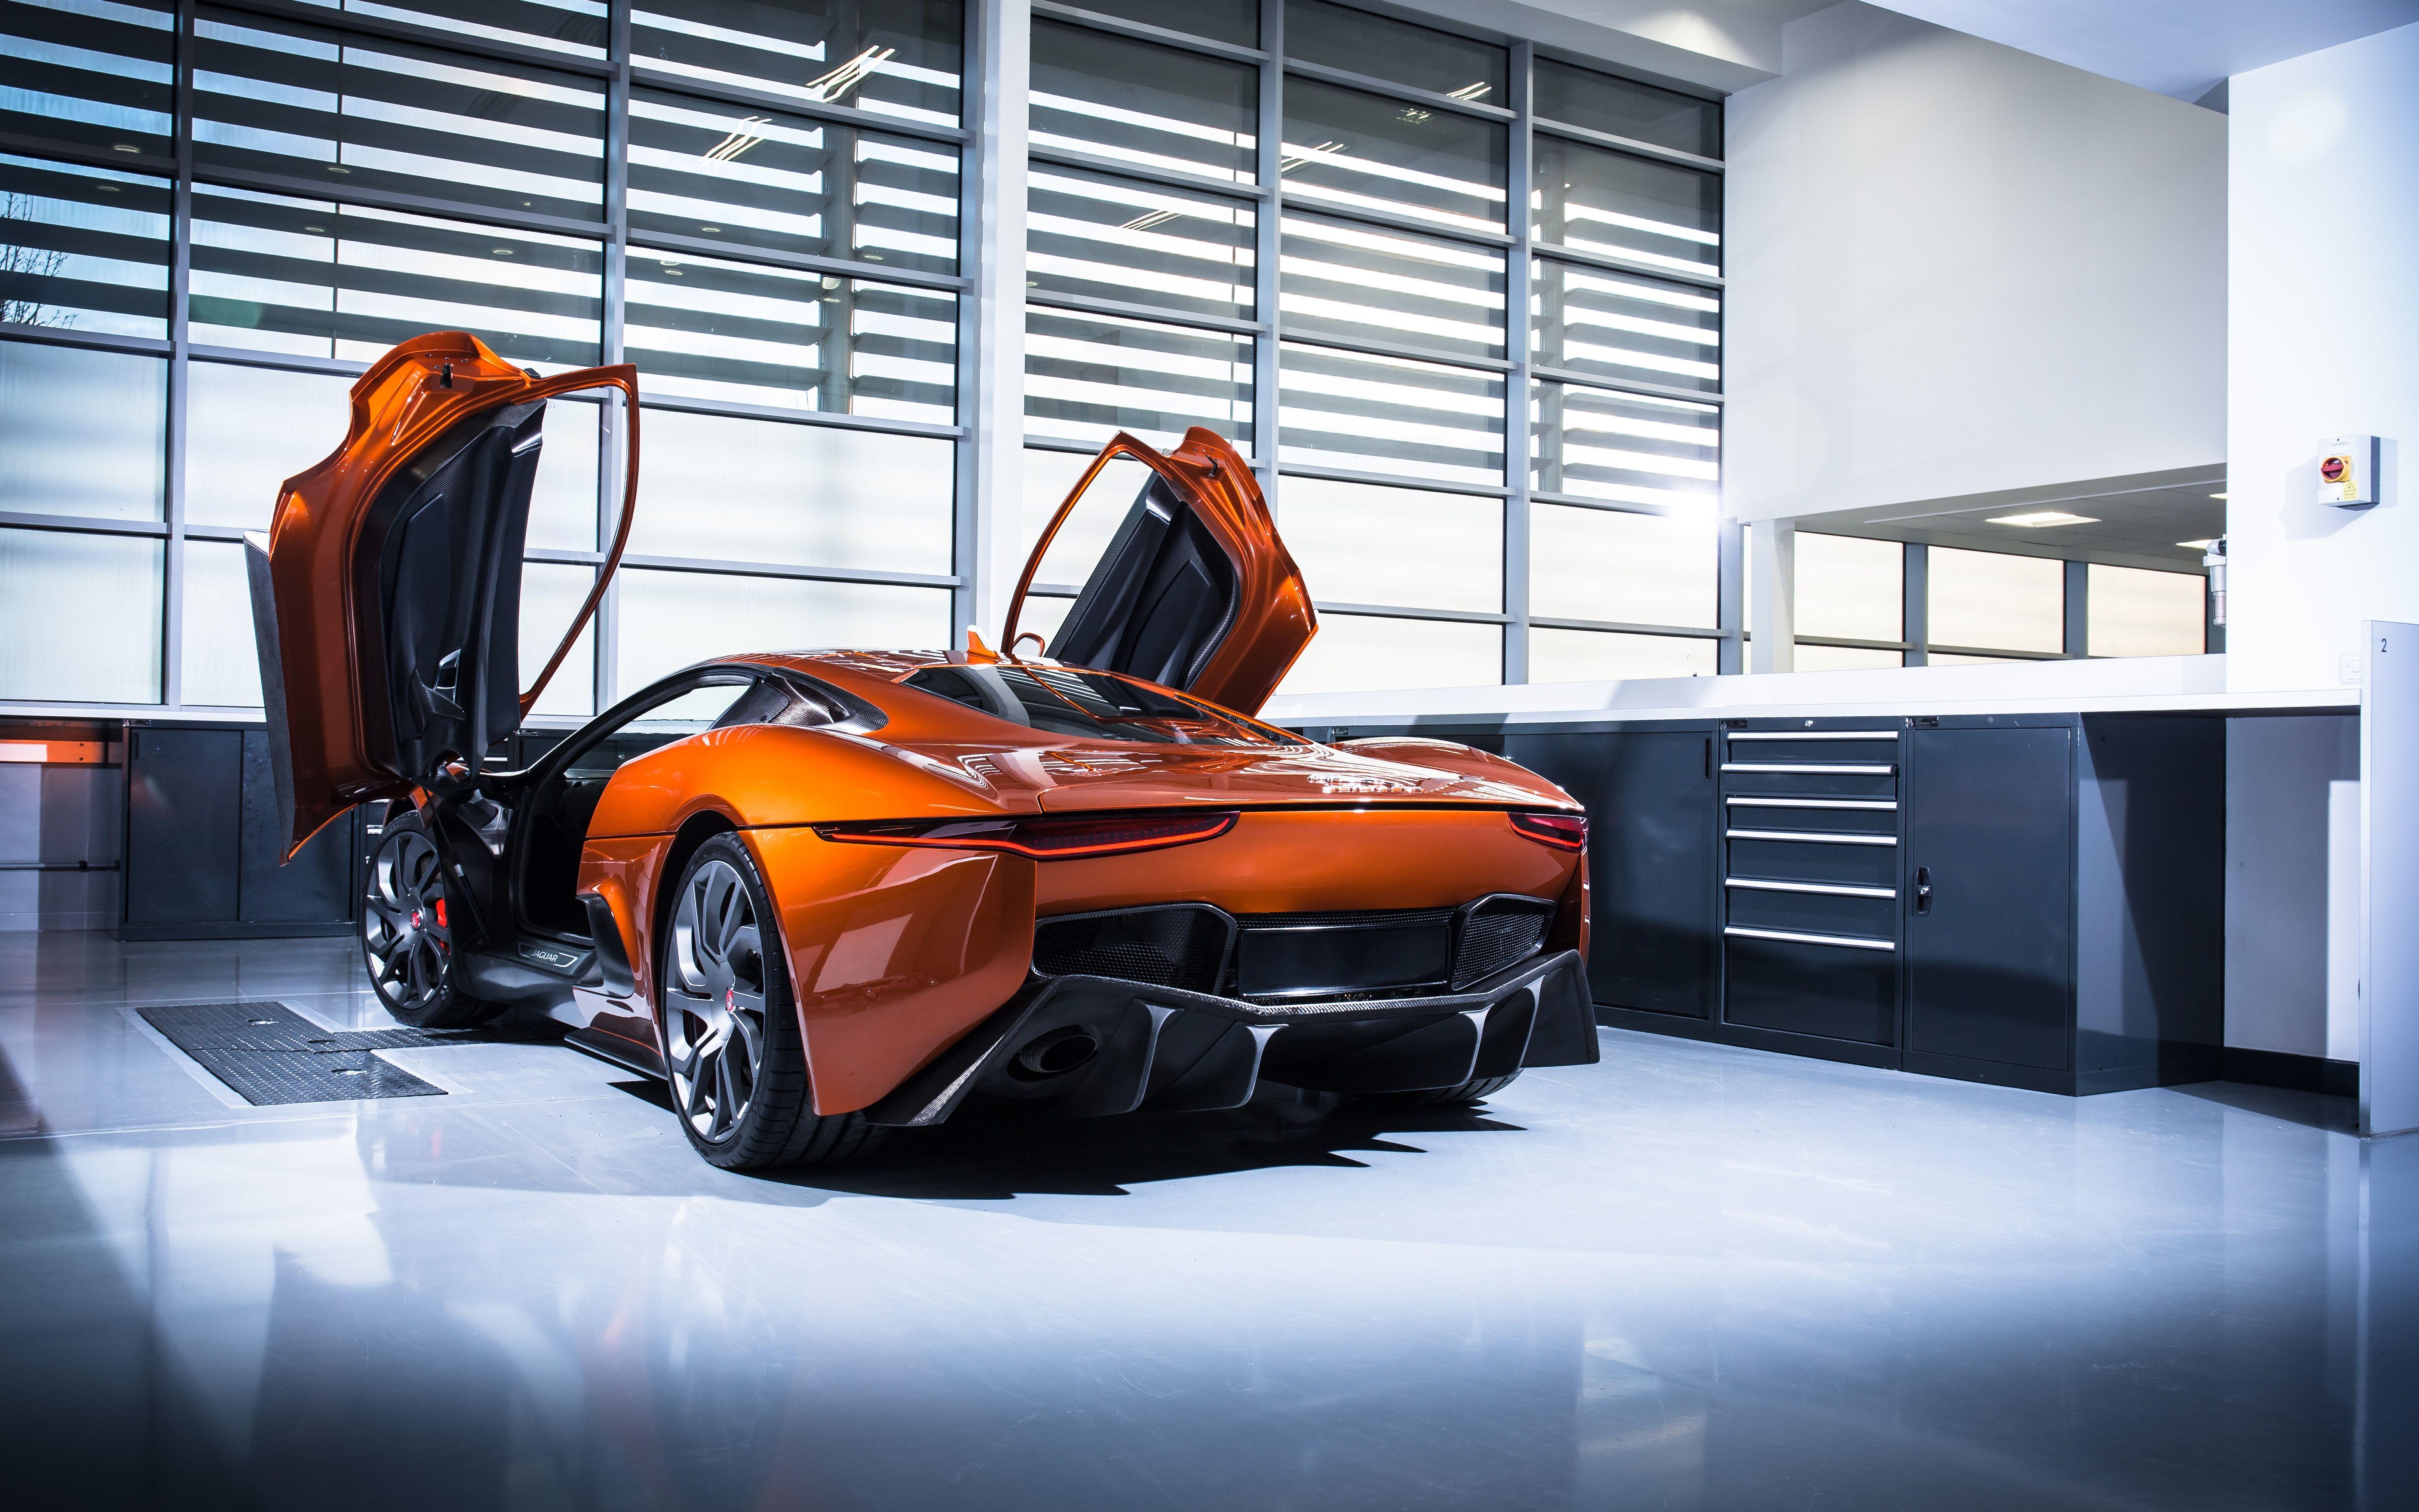 2014 Jaguar CX 75 Concept  Pictures Gallery